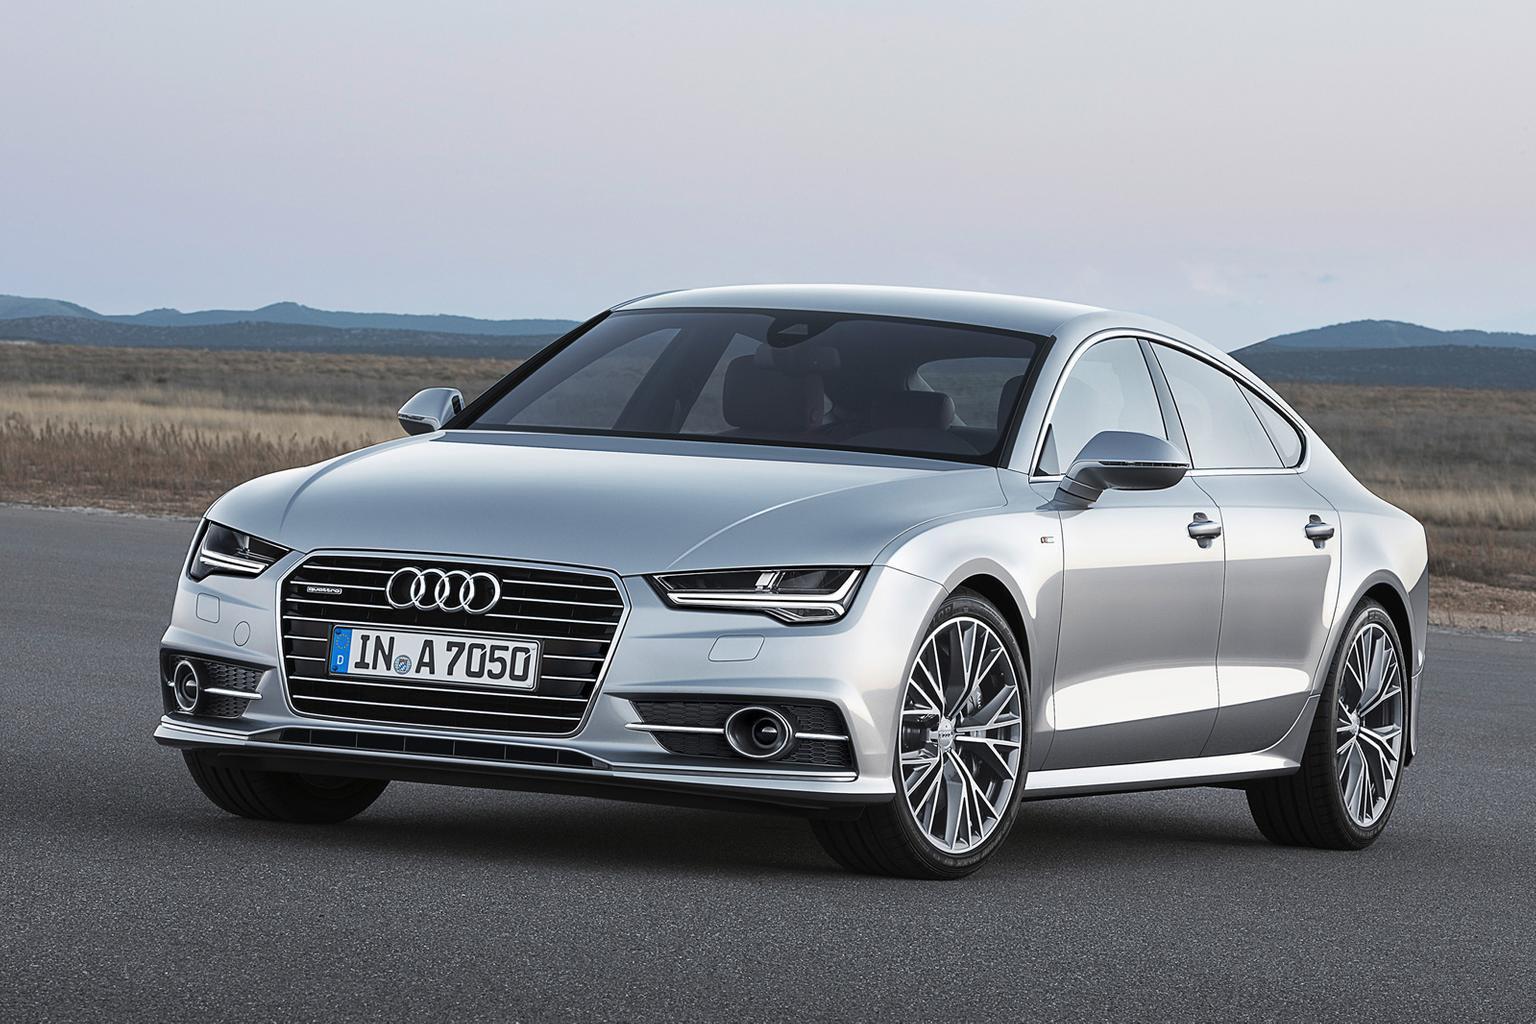 2014 Audi A7 Sportback face-lift revealed